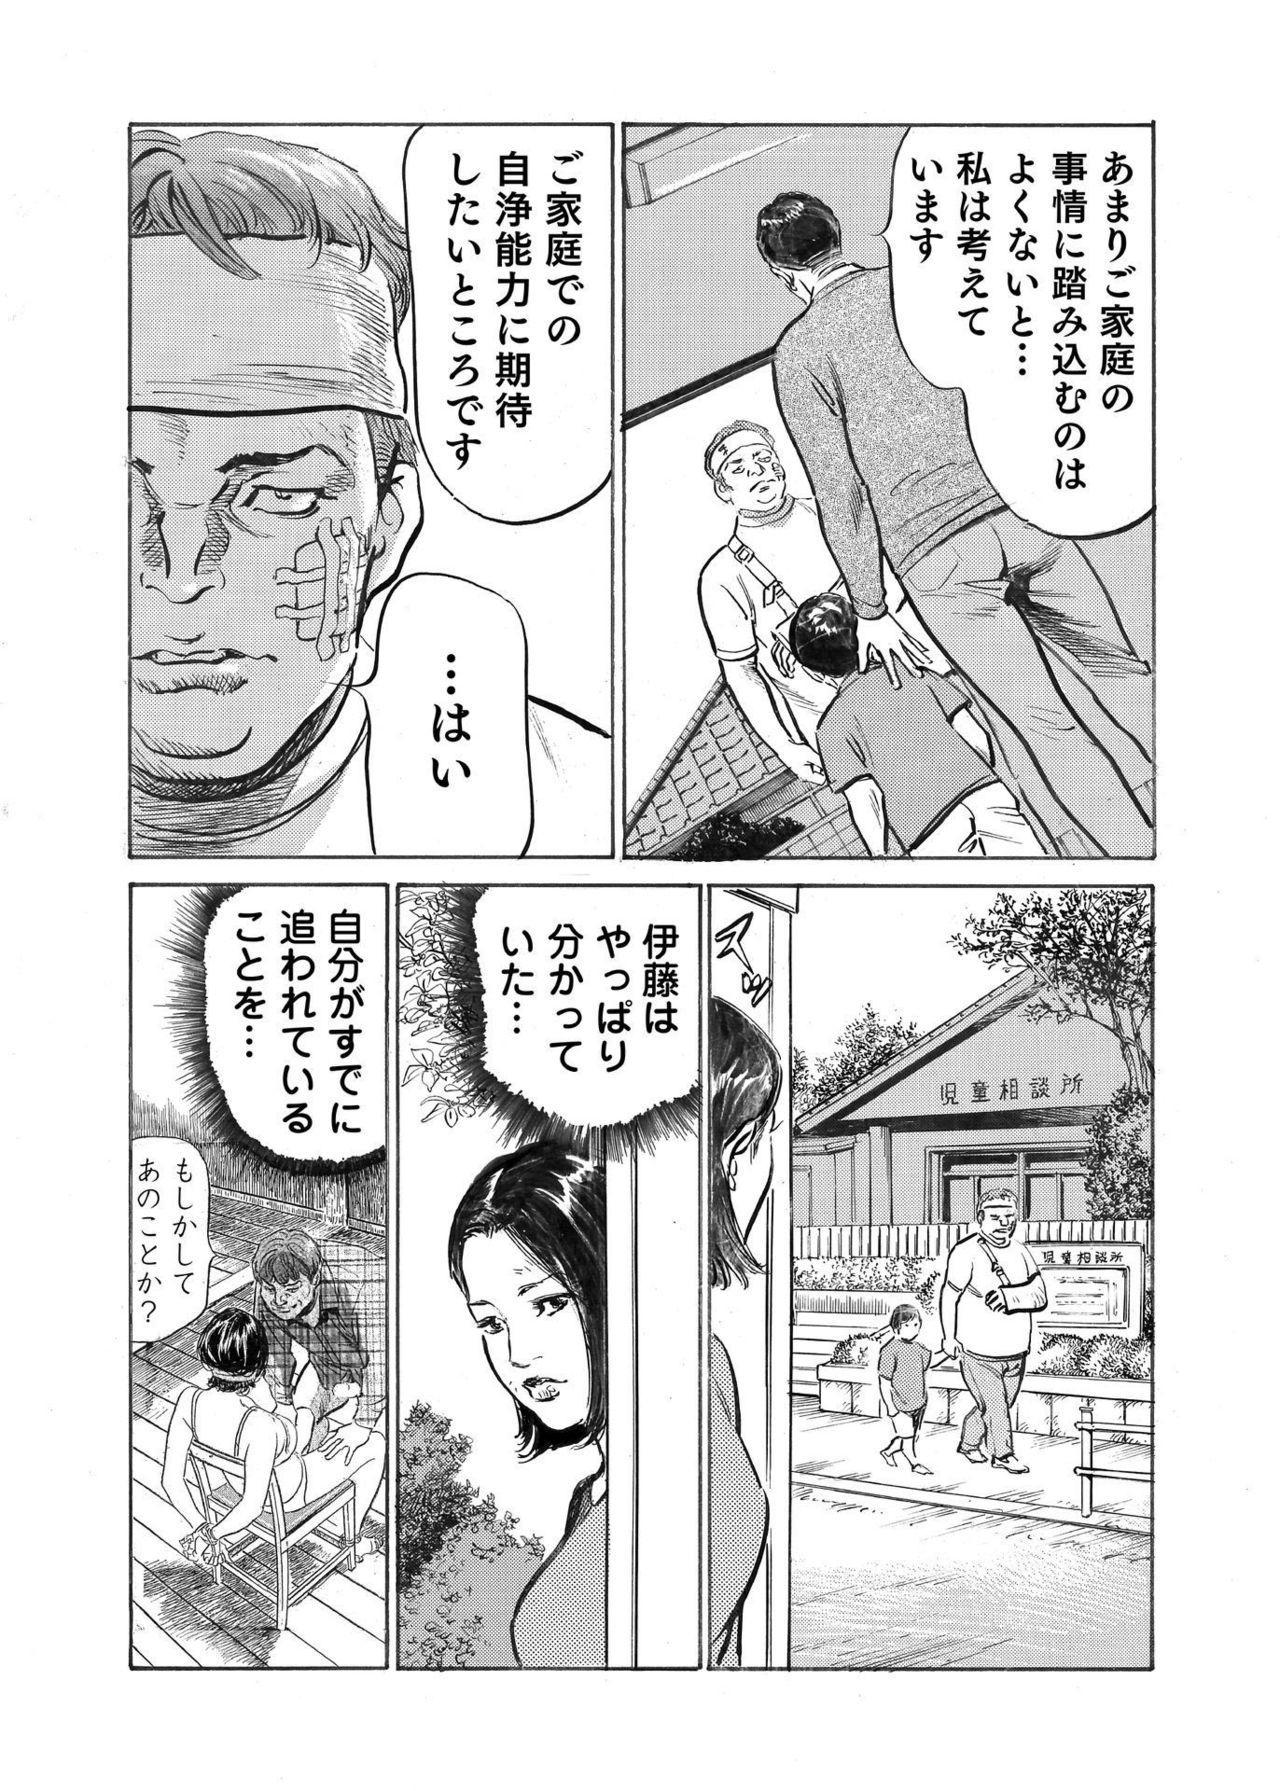 Ore wa Tsuma no Koto o Yoku Shiranai 1-9 230